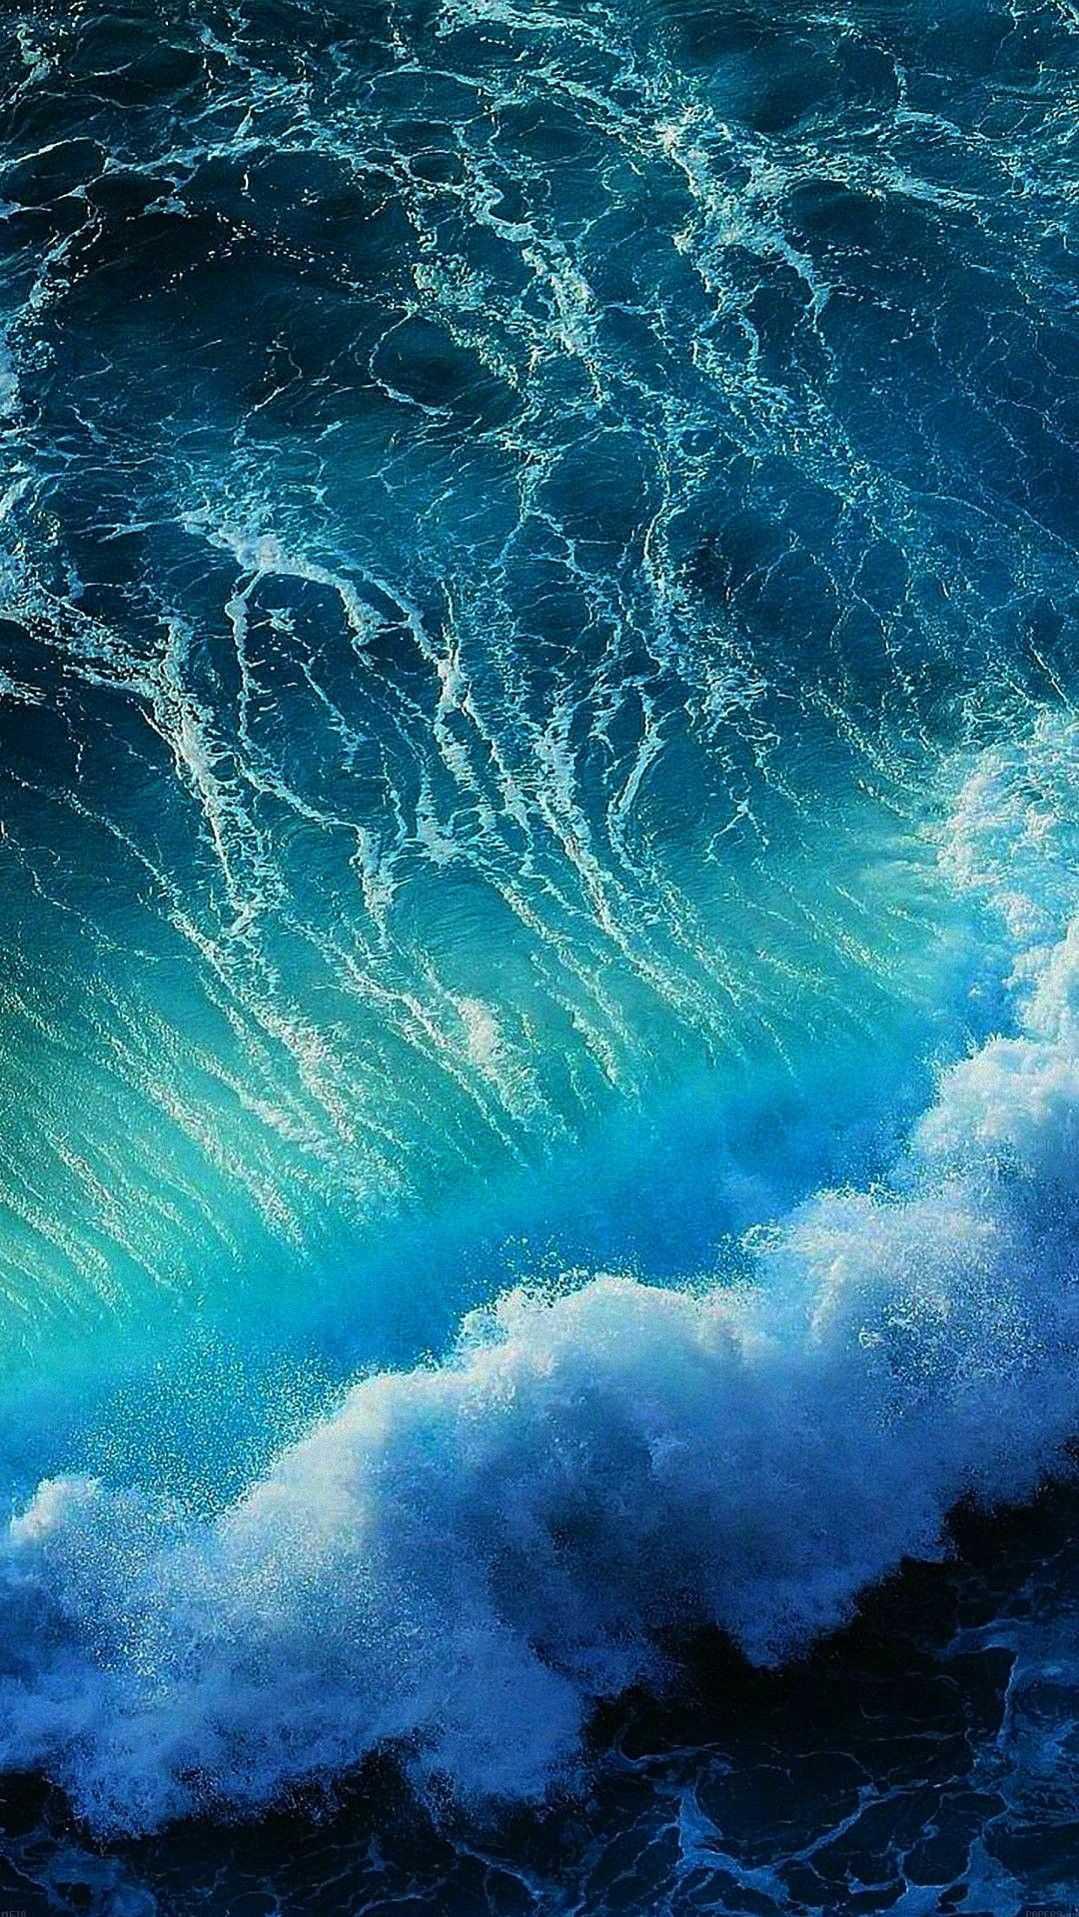 Ocean Blue Water Waves iPhone Wallpaper